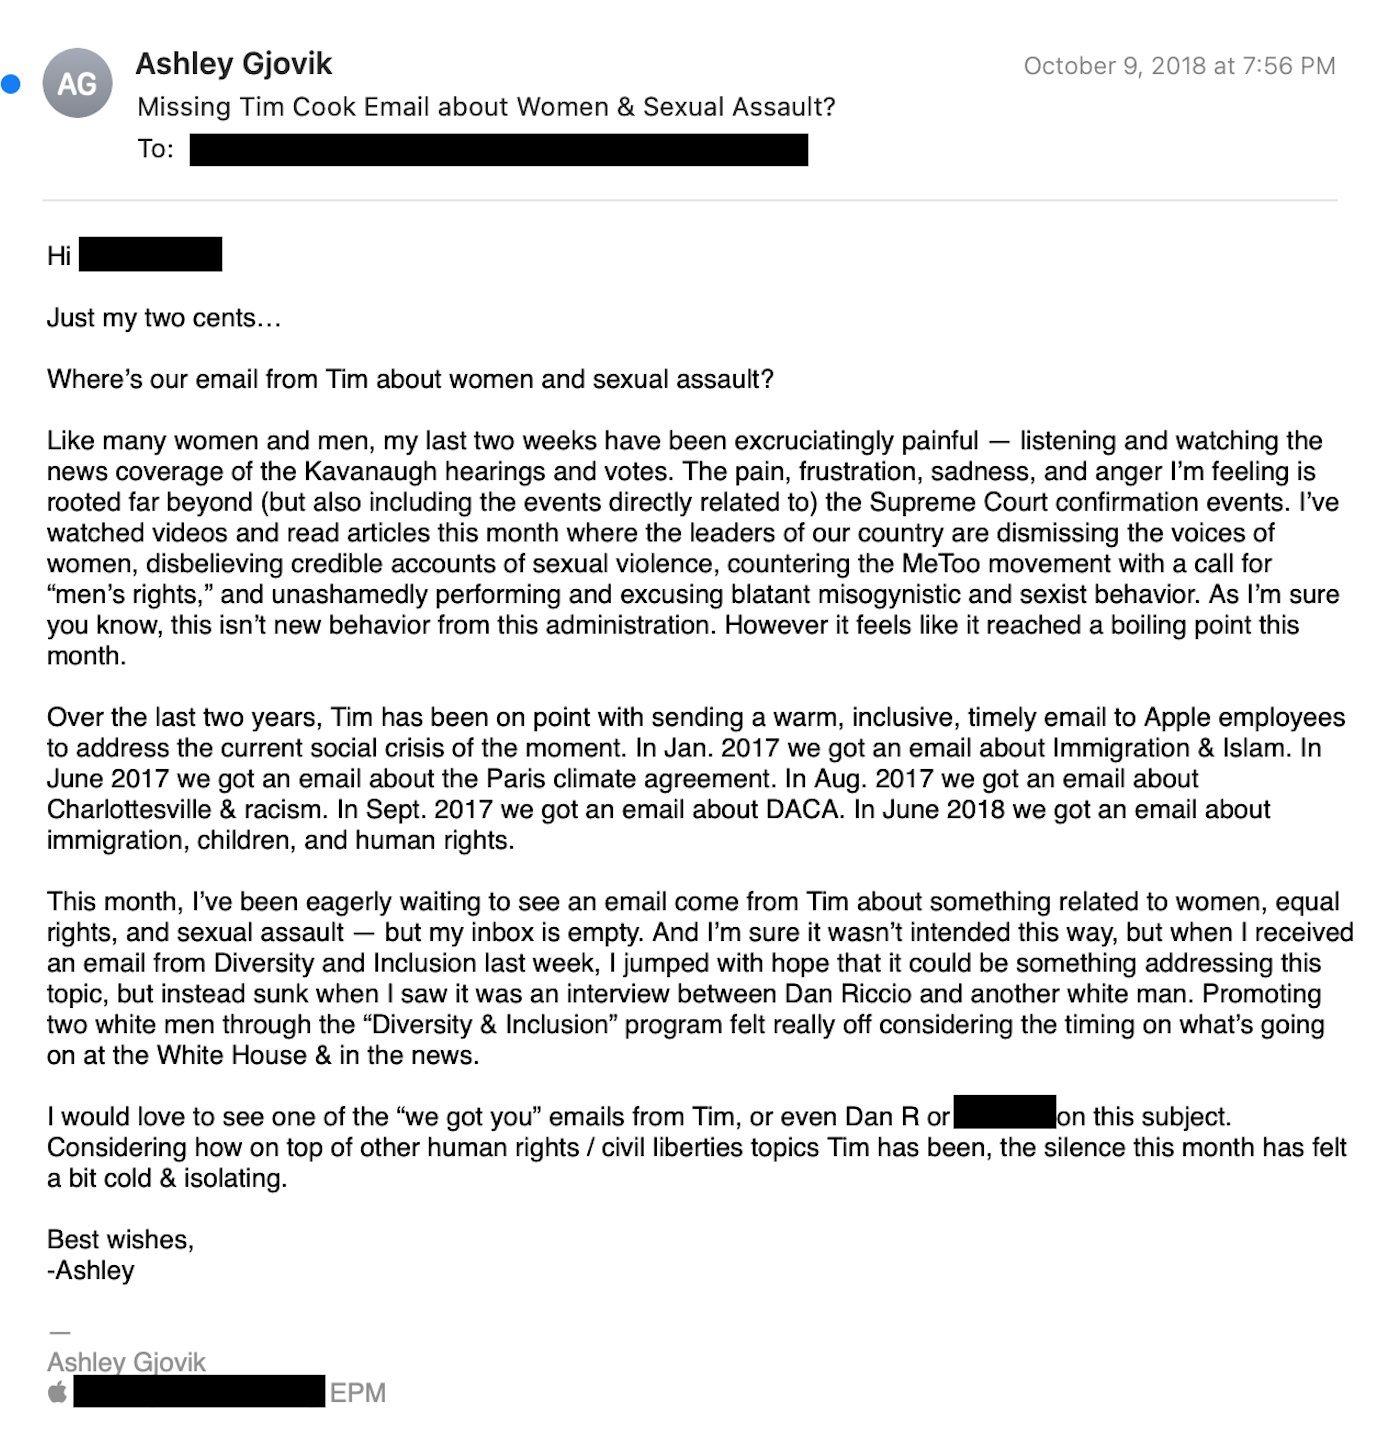 Apple cho nữ quản lý nghỉ vô thời hạn vì phàn nàn về môi trường làm việc